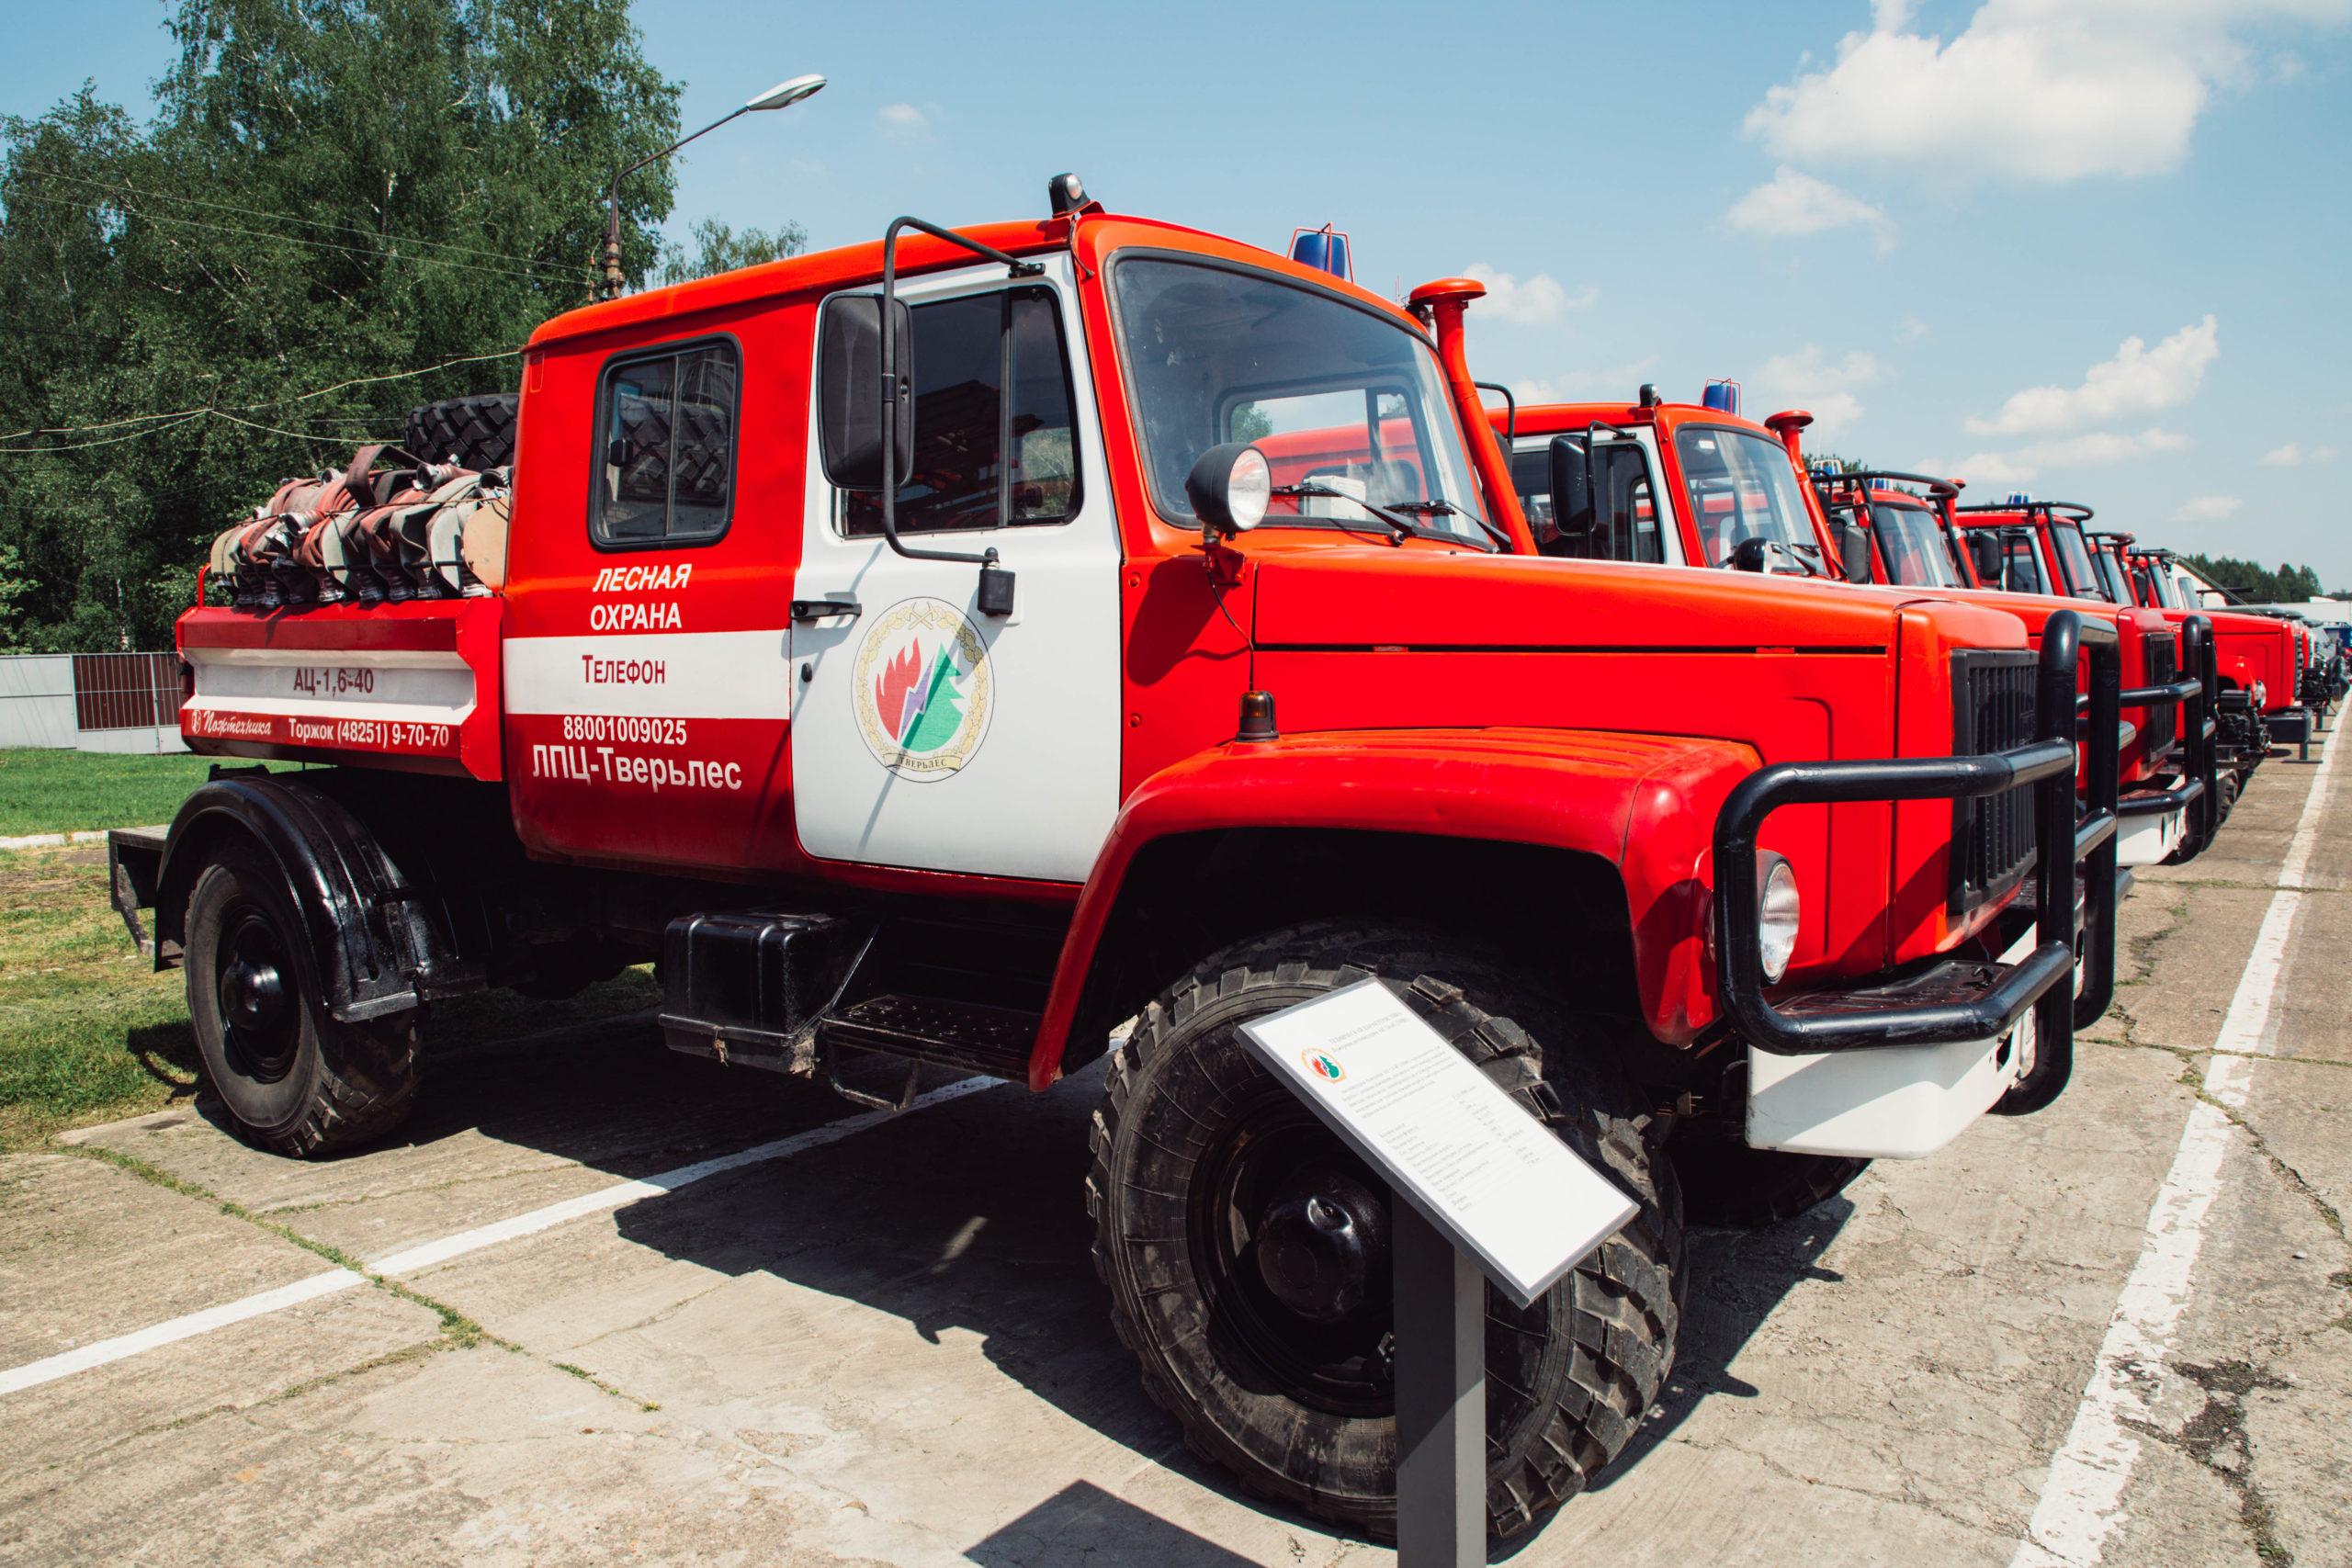 Техника - огонь: фоторепортаж о подготовке Тверской области к пожароопасному сезону